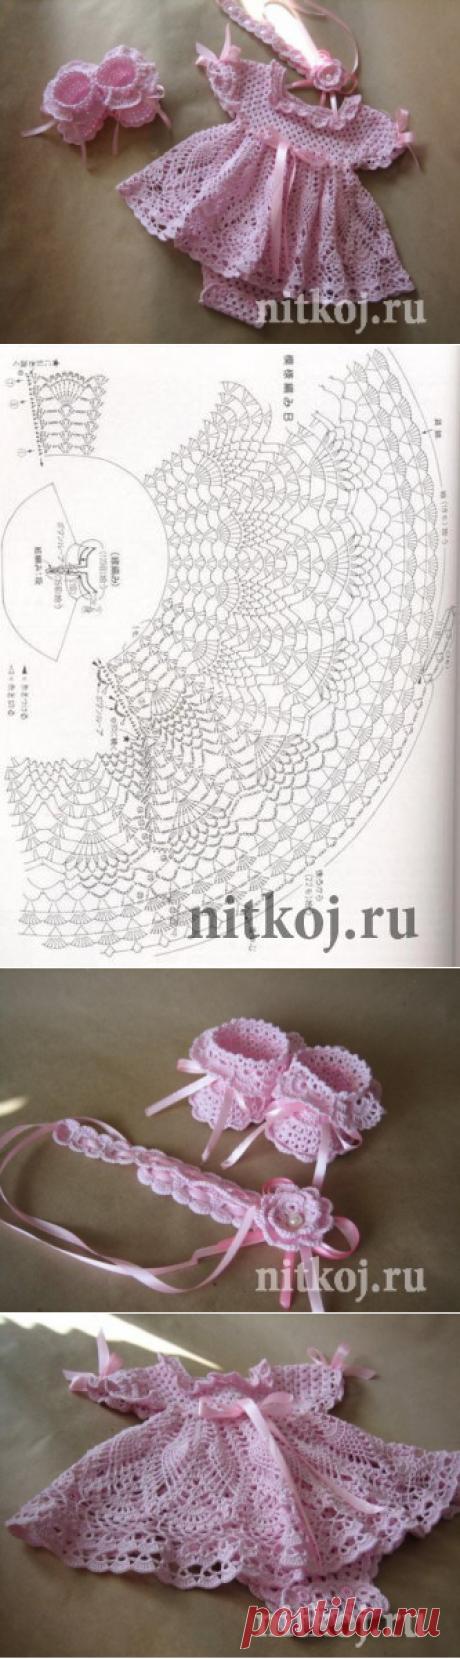 Платье на малышку 0-3 месяца » Ниткой - вязаные вещи для вашего дома, вязание крючком, вязание спицами, схемы вязания